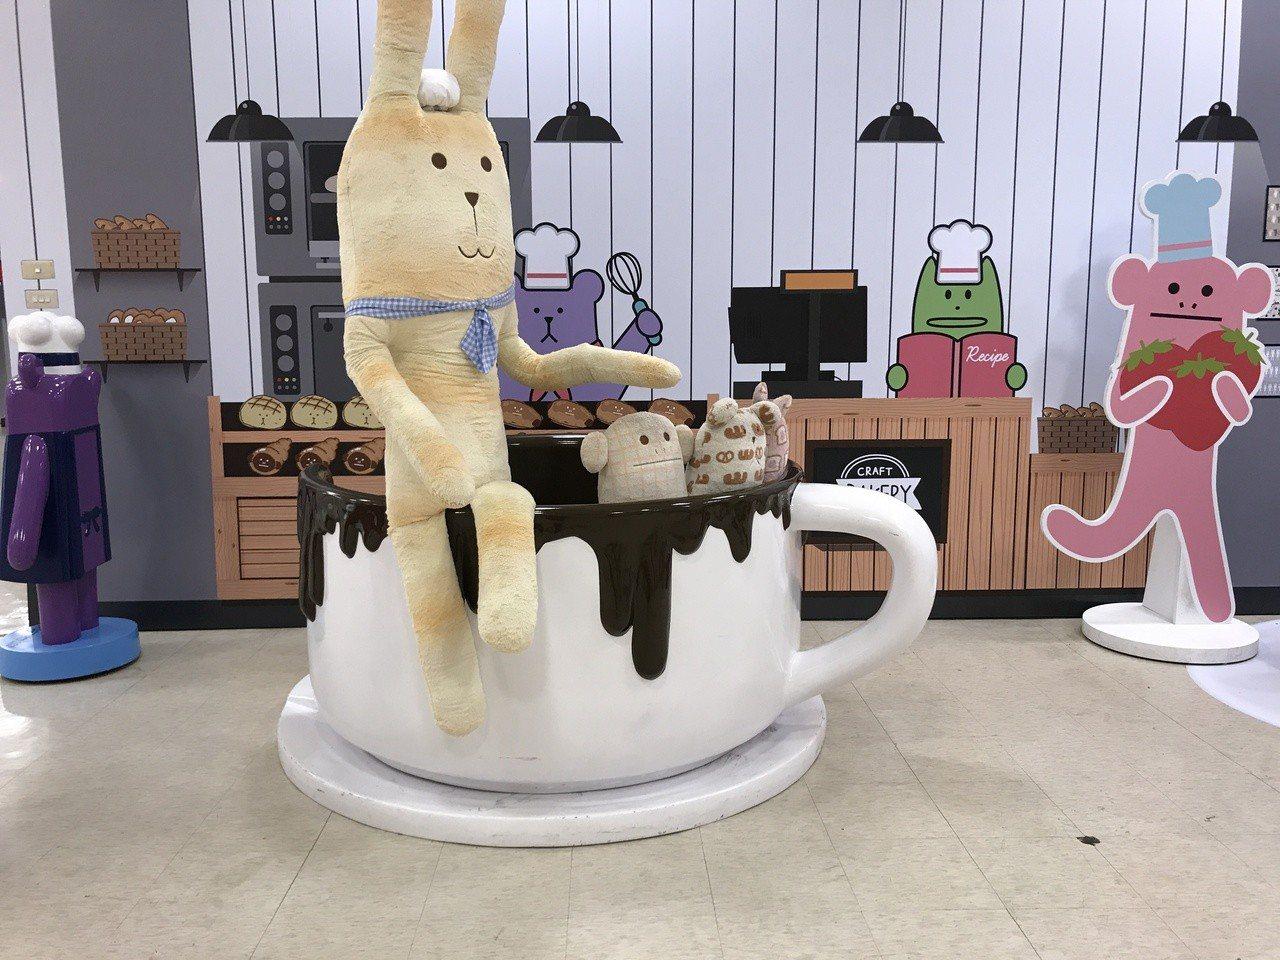 《宇宙人ㄕㄓㄋ特展》甜蜜咖啡廳。記者江佩君/攝影